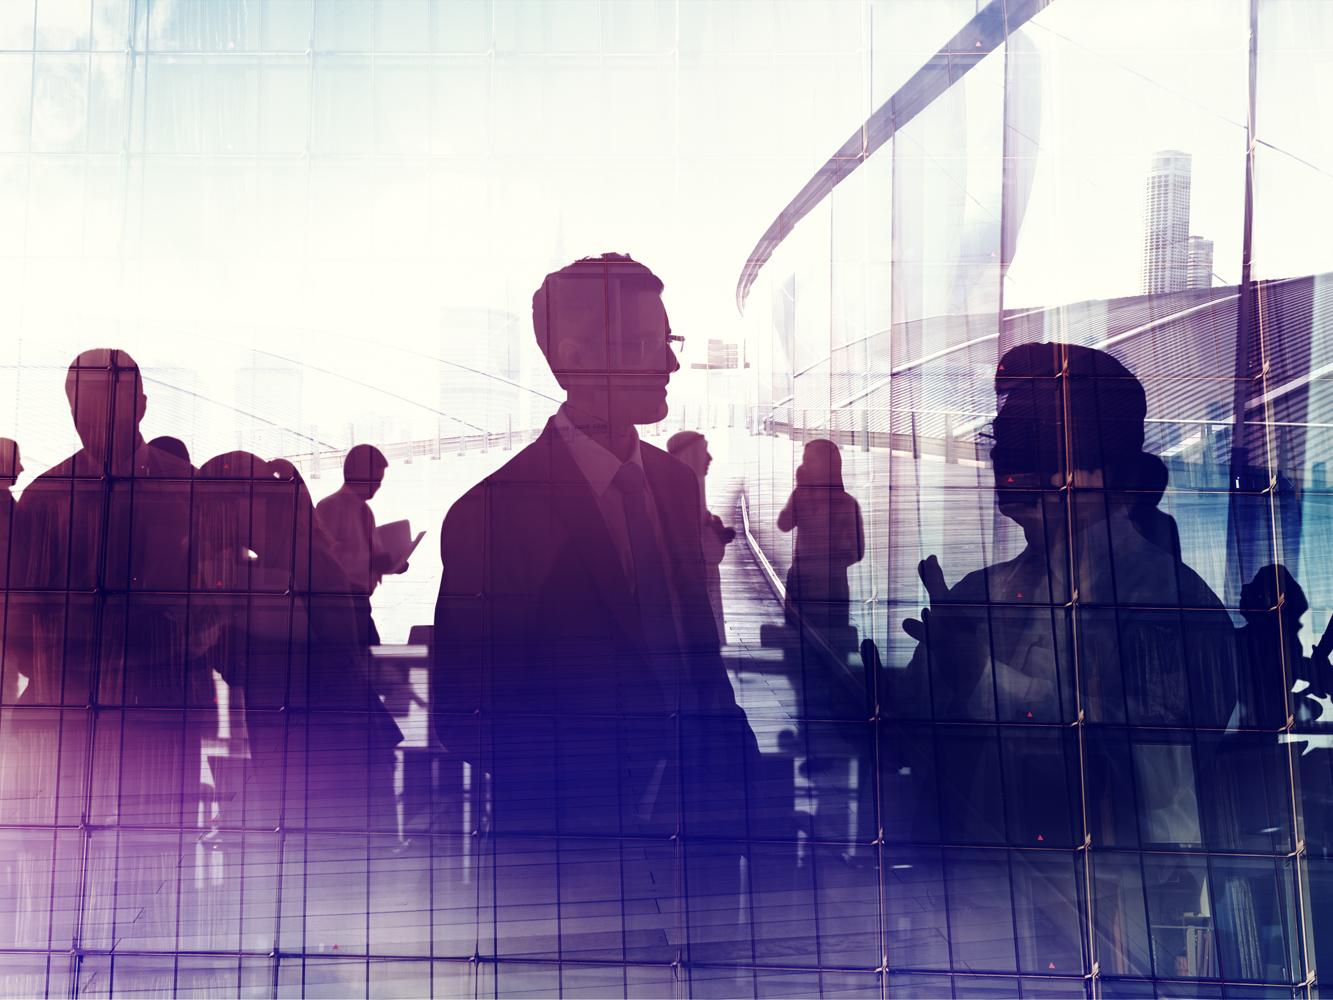 Fotomontage einer Silhouetten von Menschen, dahinter modernes Gebäude